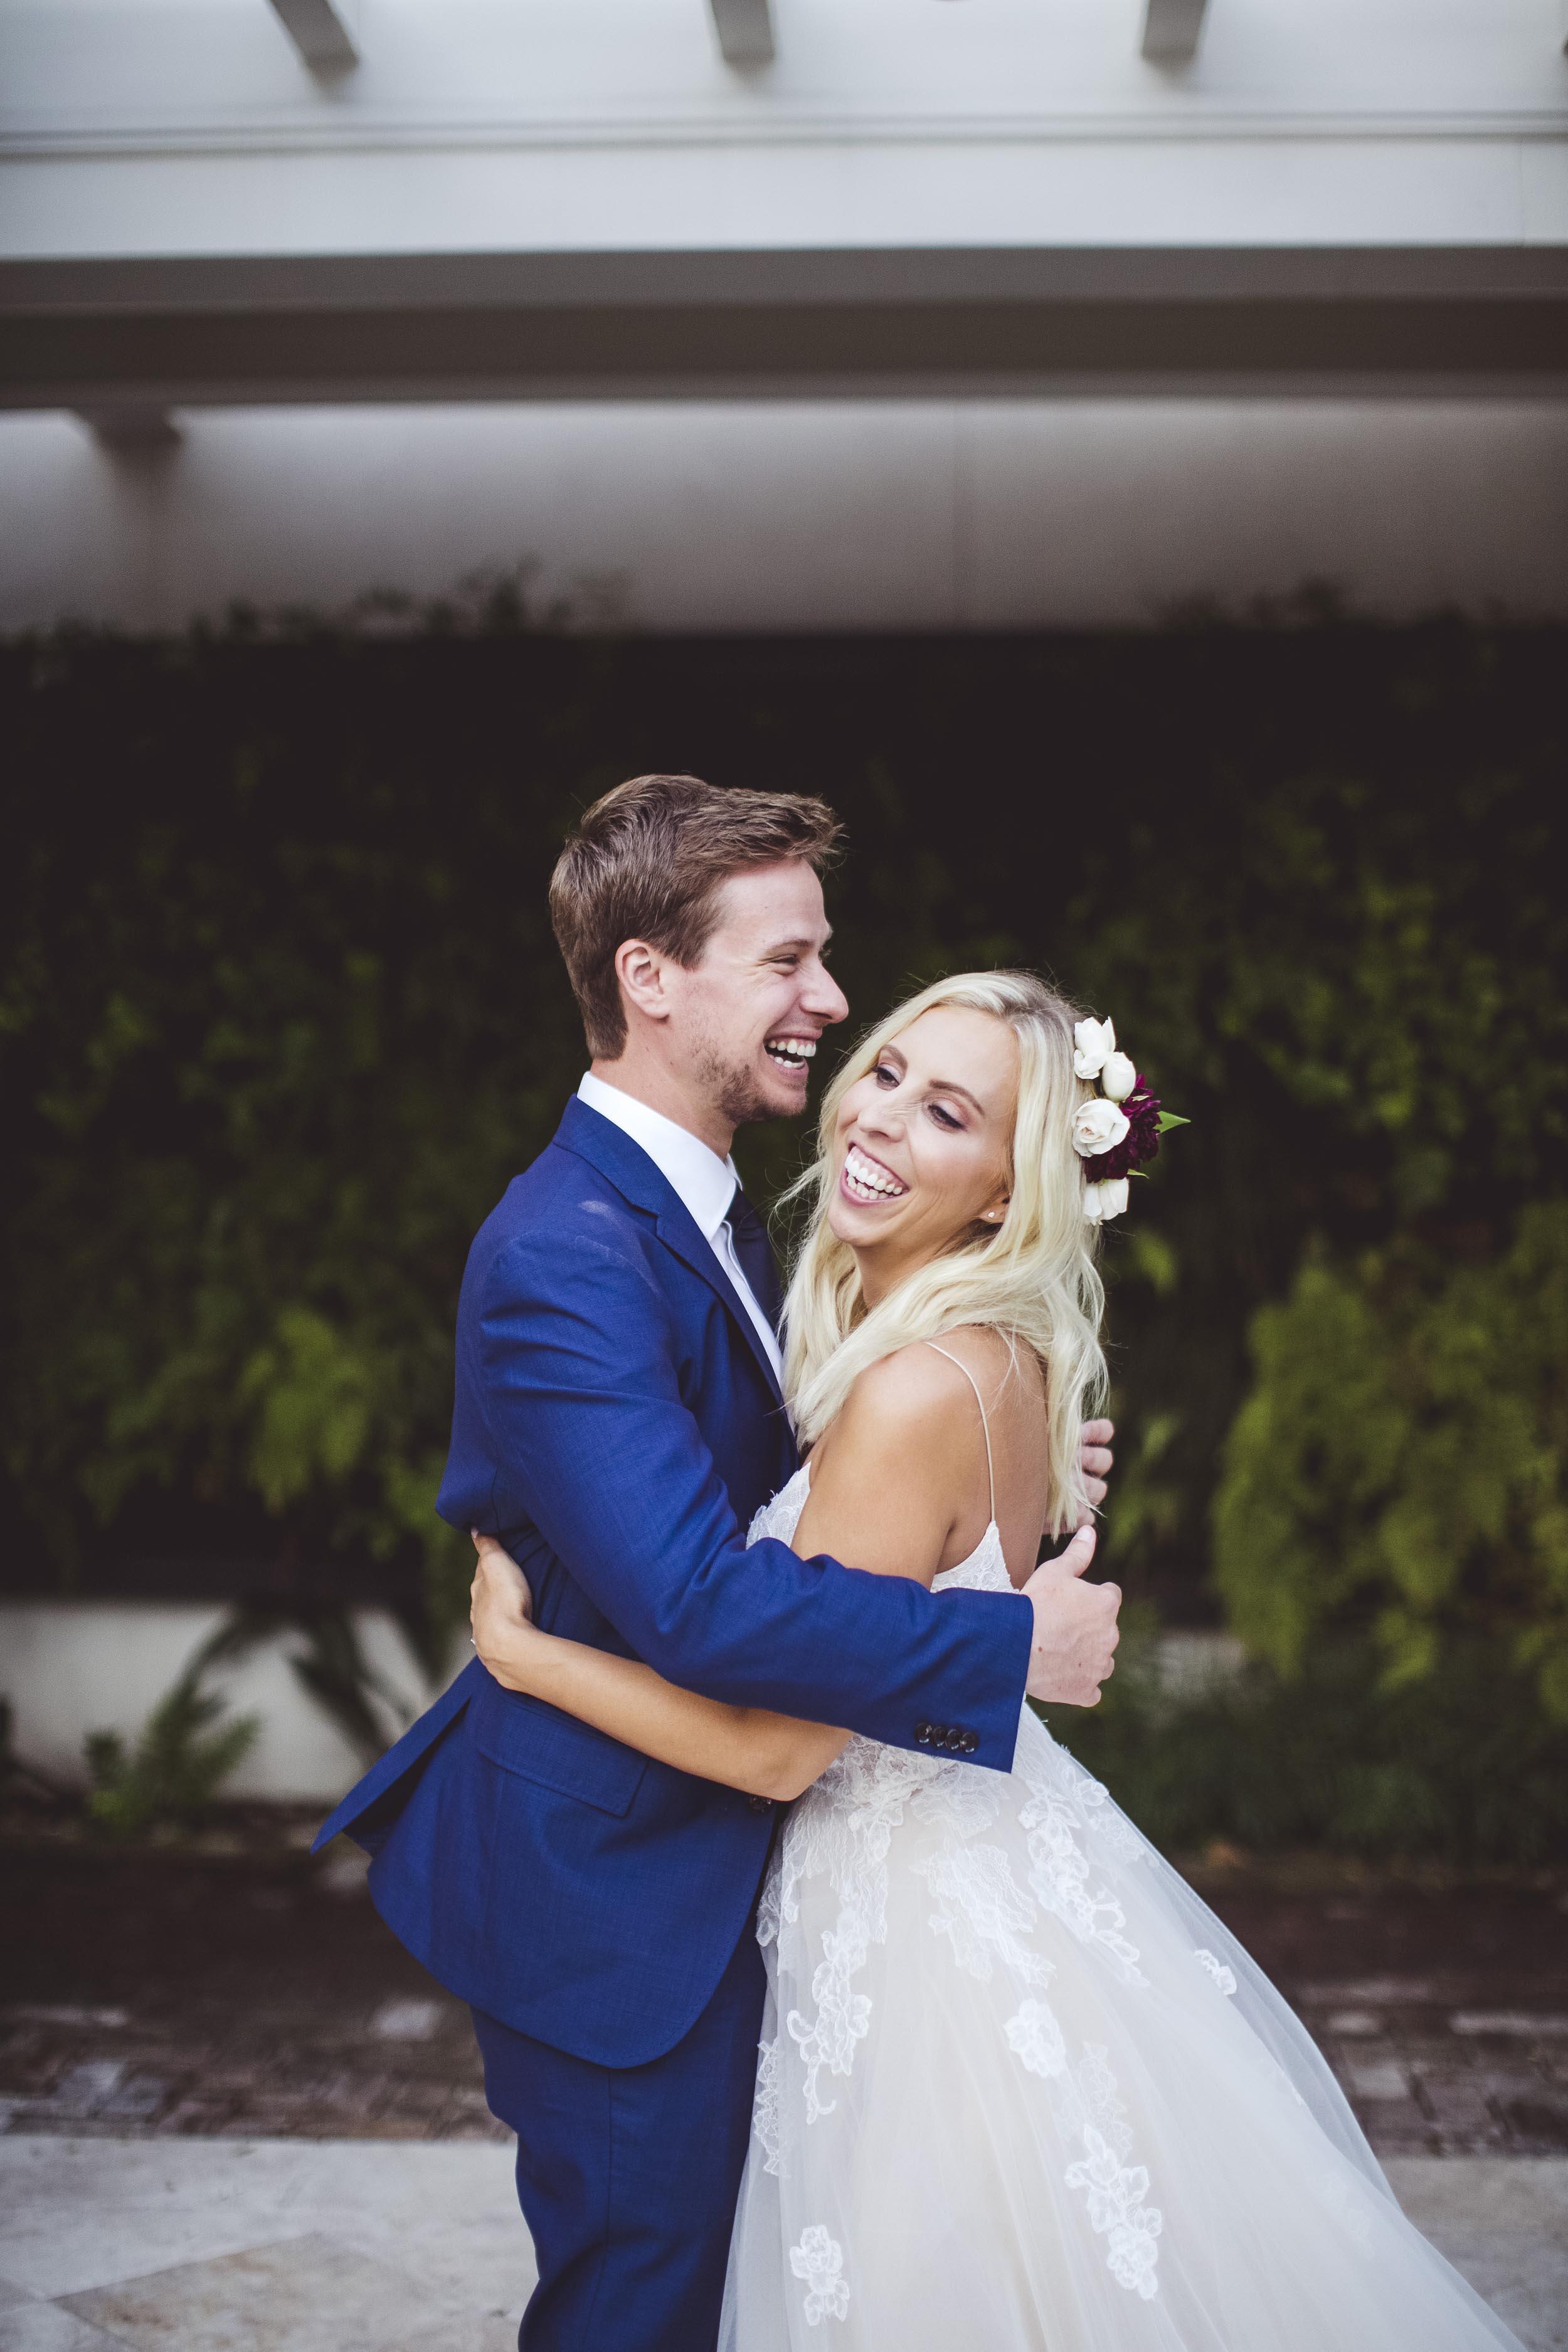 weddings-charleston07.JPG